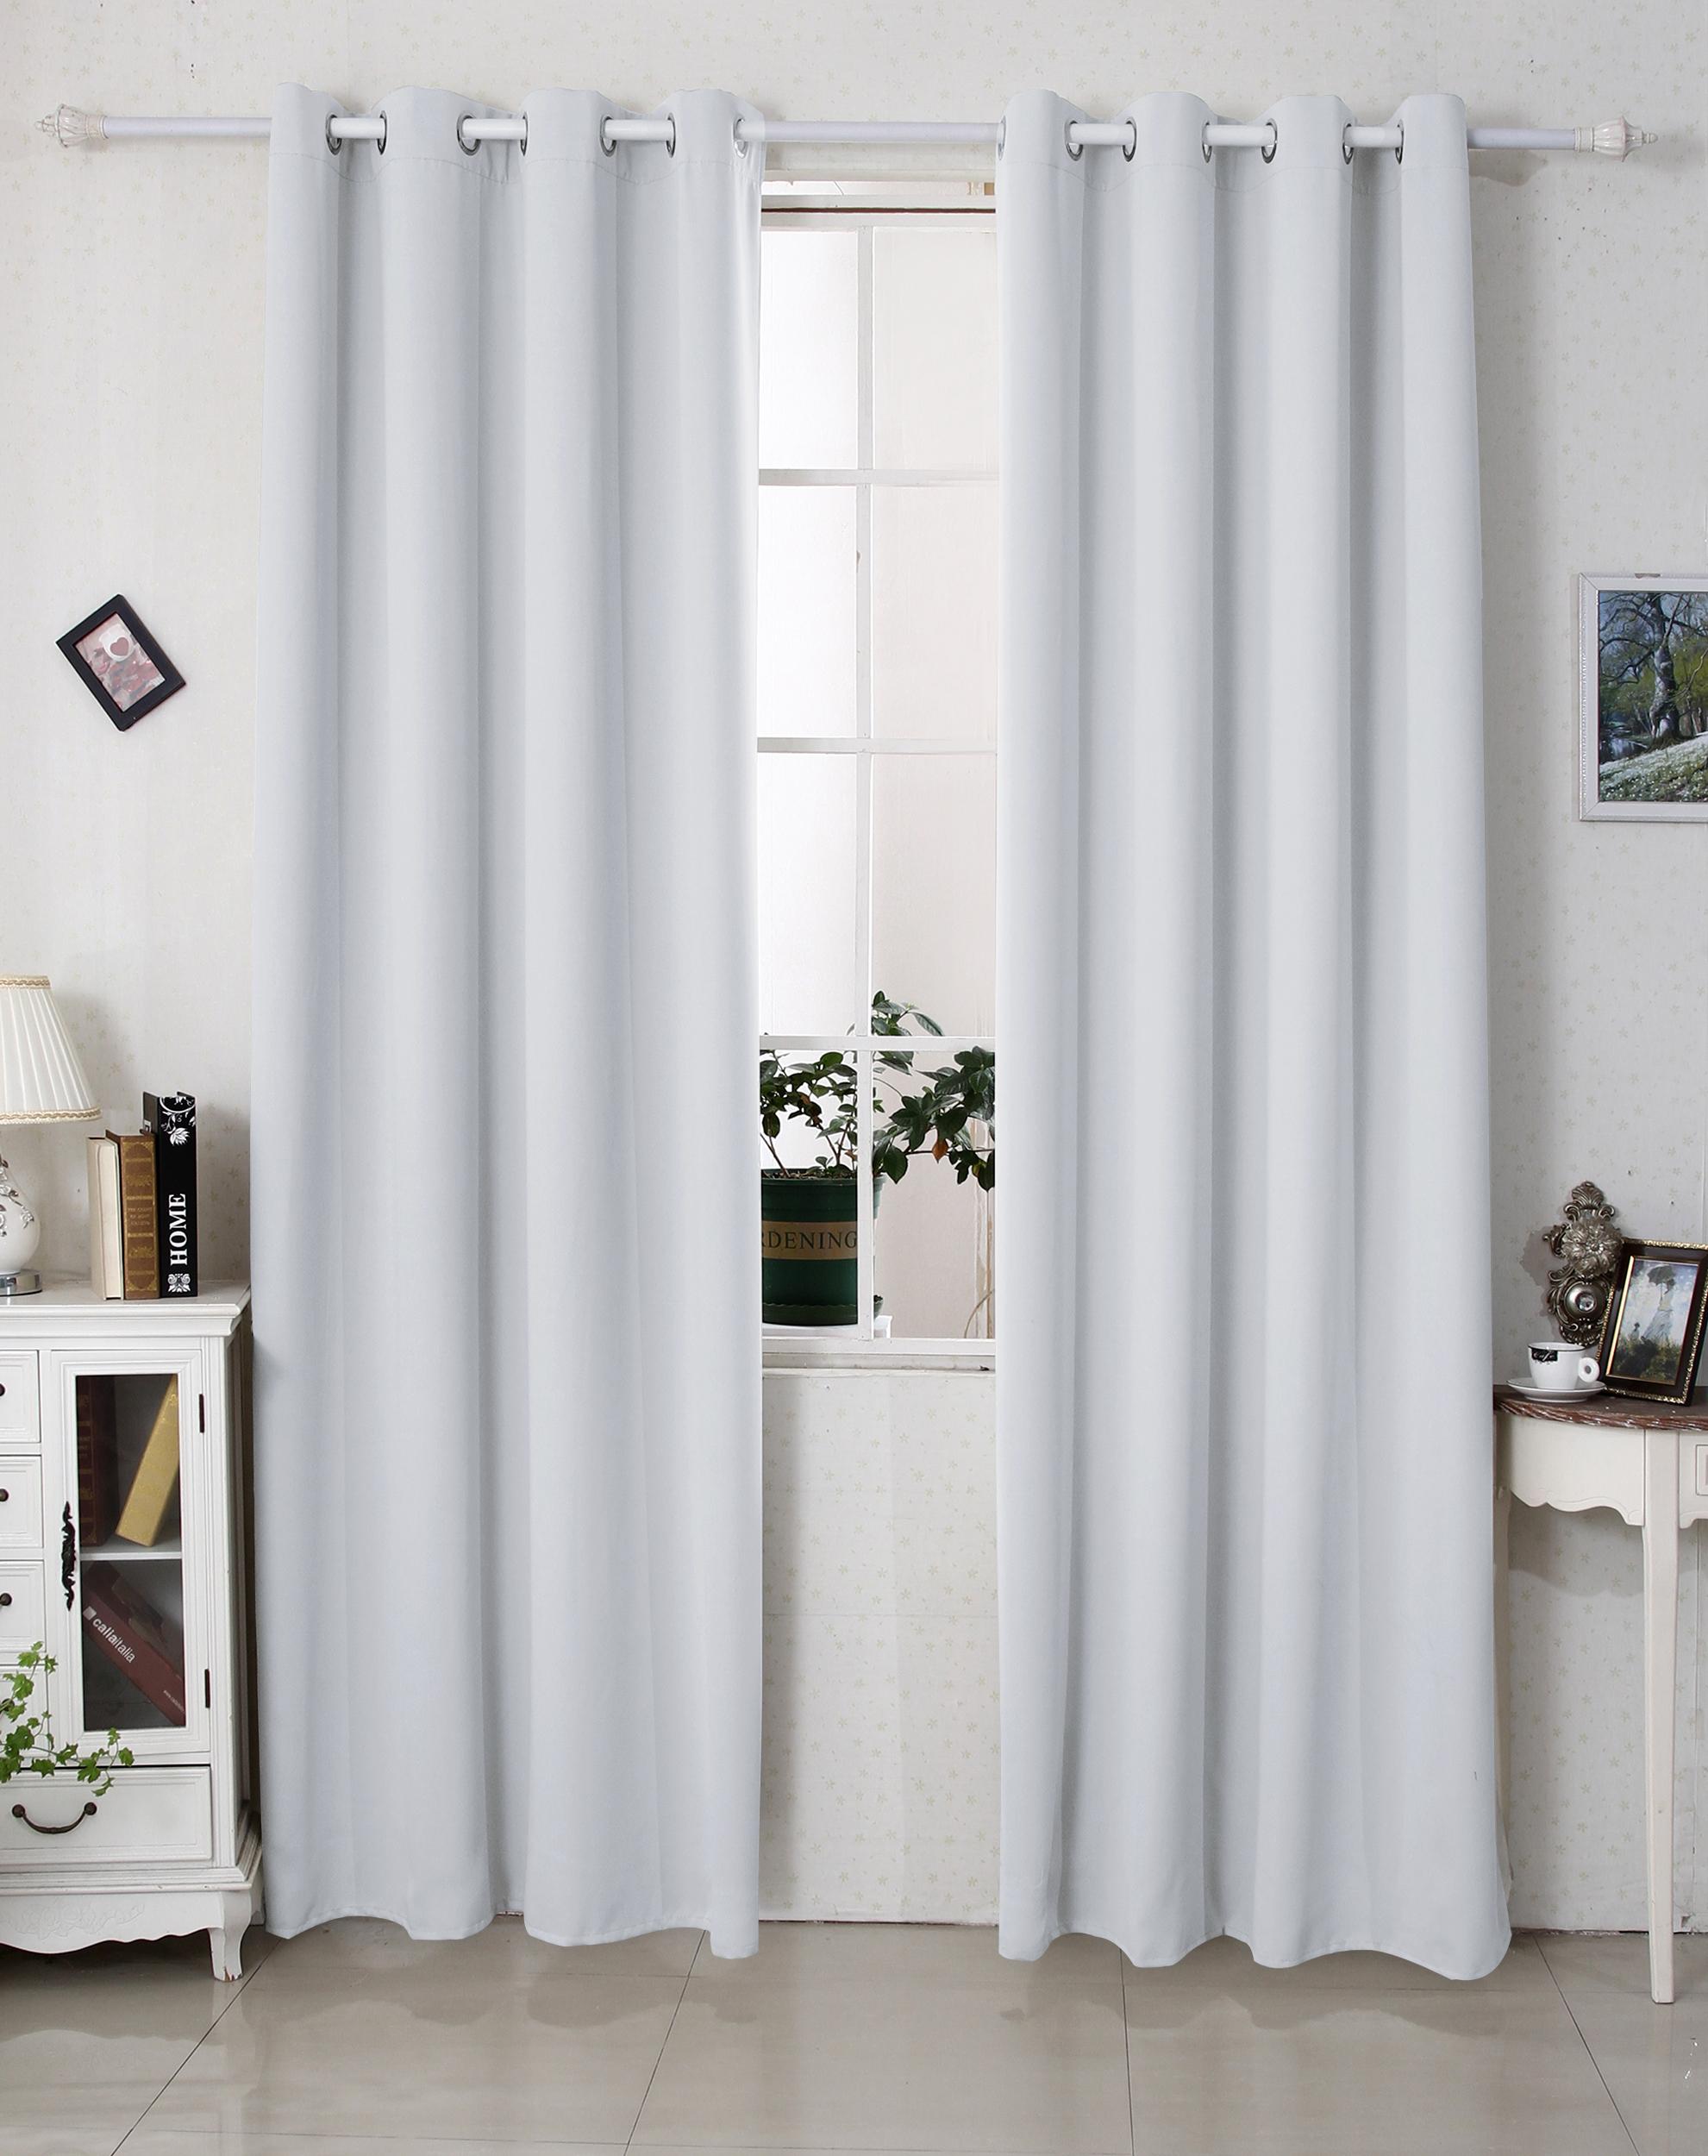 2er set gardine blickdicht thermo vorhang senschal. Black Bedroom Furniture Sets. Home Design Ideas